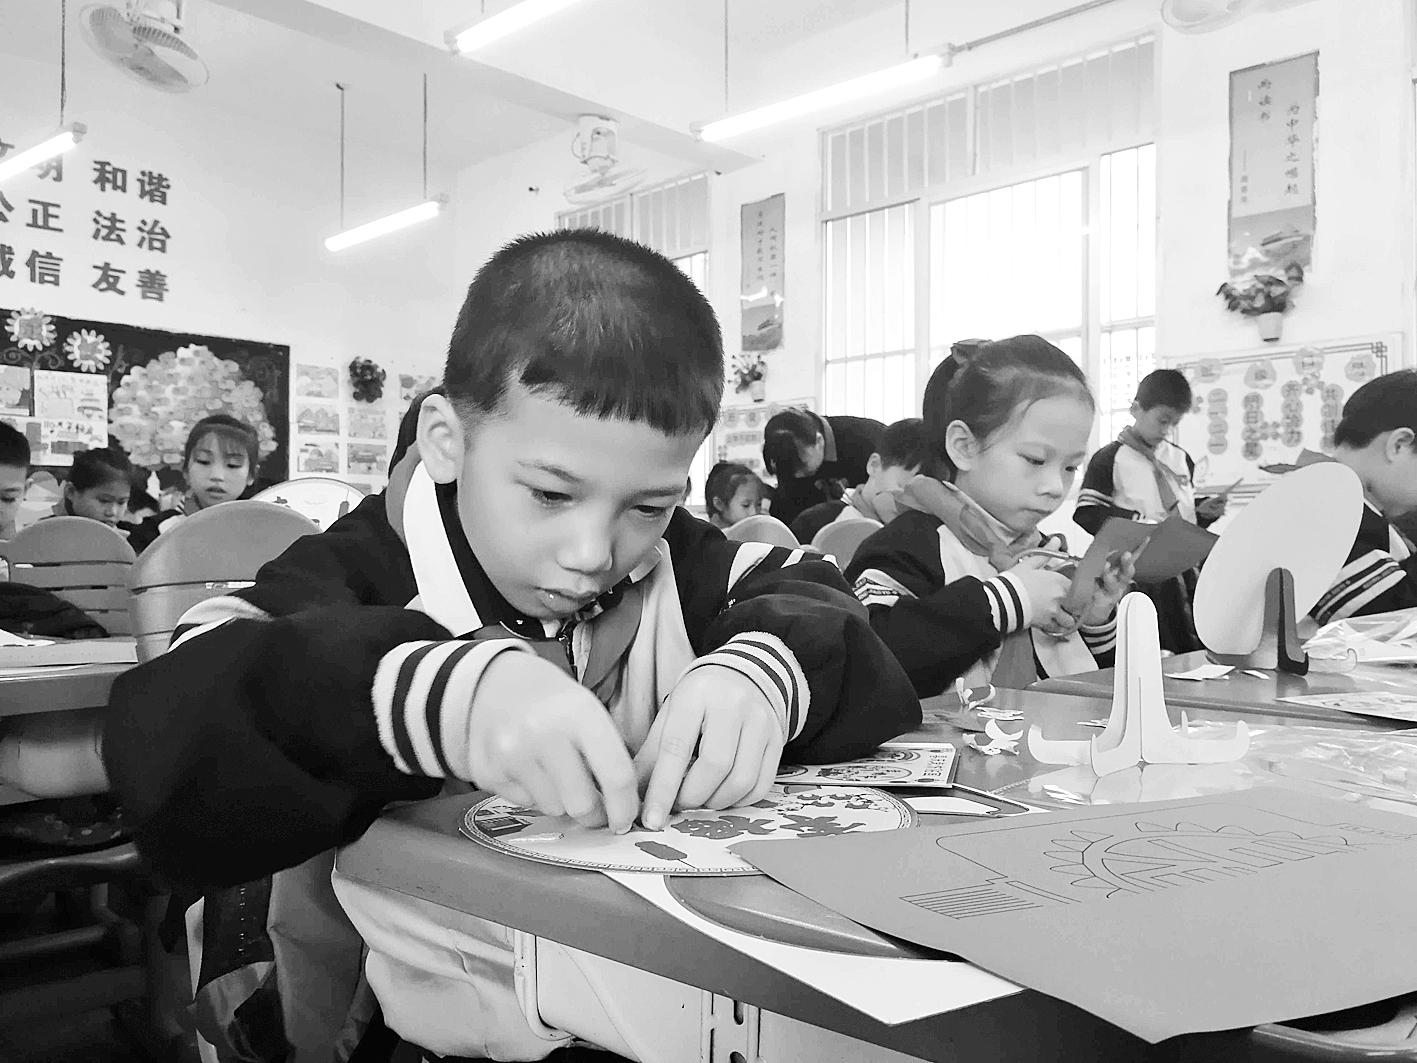 让孩子们过个文化年_广西壮族自治区-南宁市-赣州-闽南-